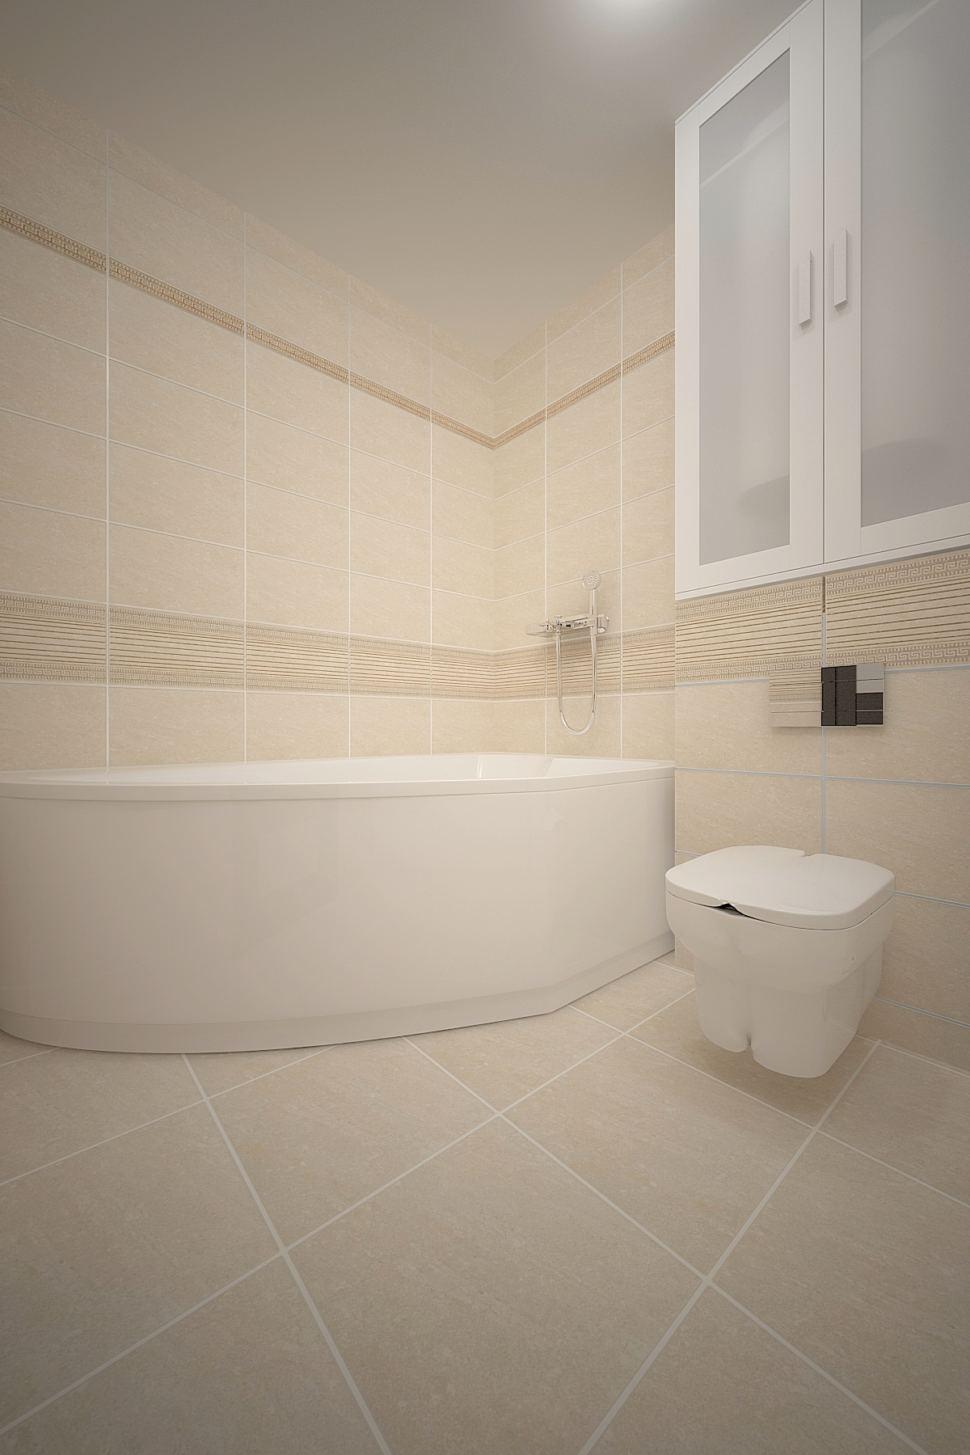 Дизайн-проект ванной комнаты 3 кв.м в бежевых тонах, керамическая плитка бежевая, белый шкаф, унитаз, ванна